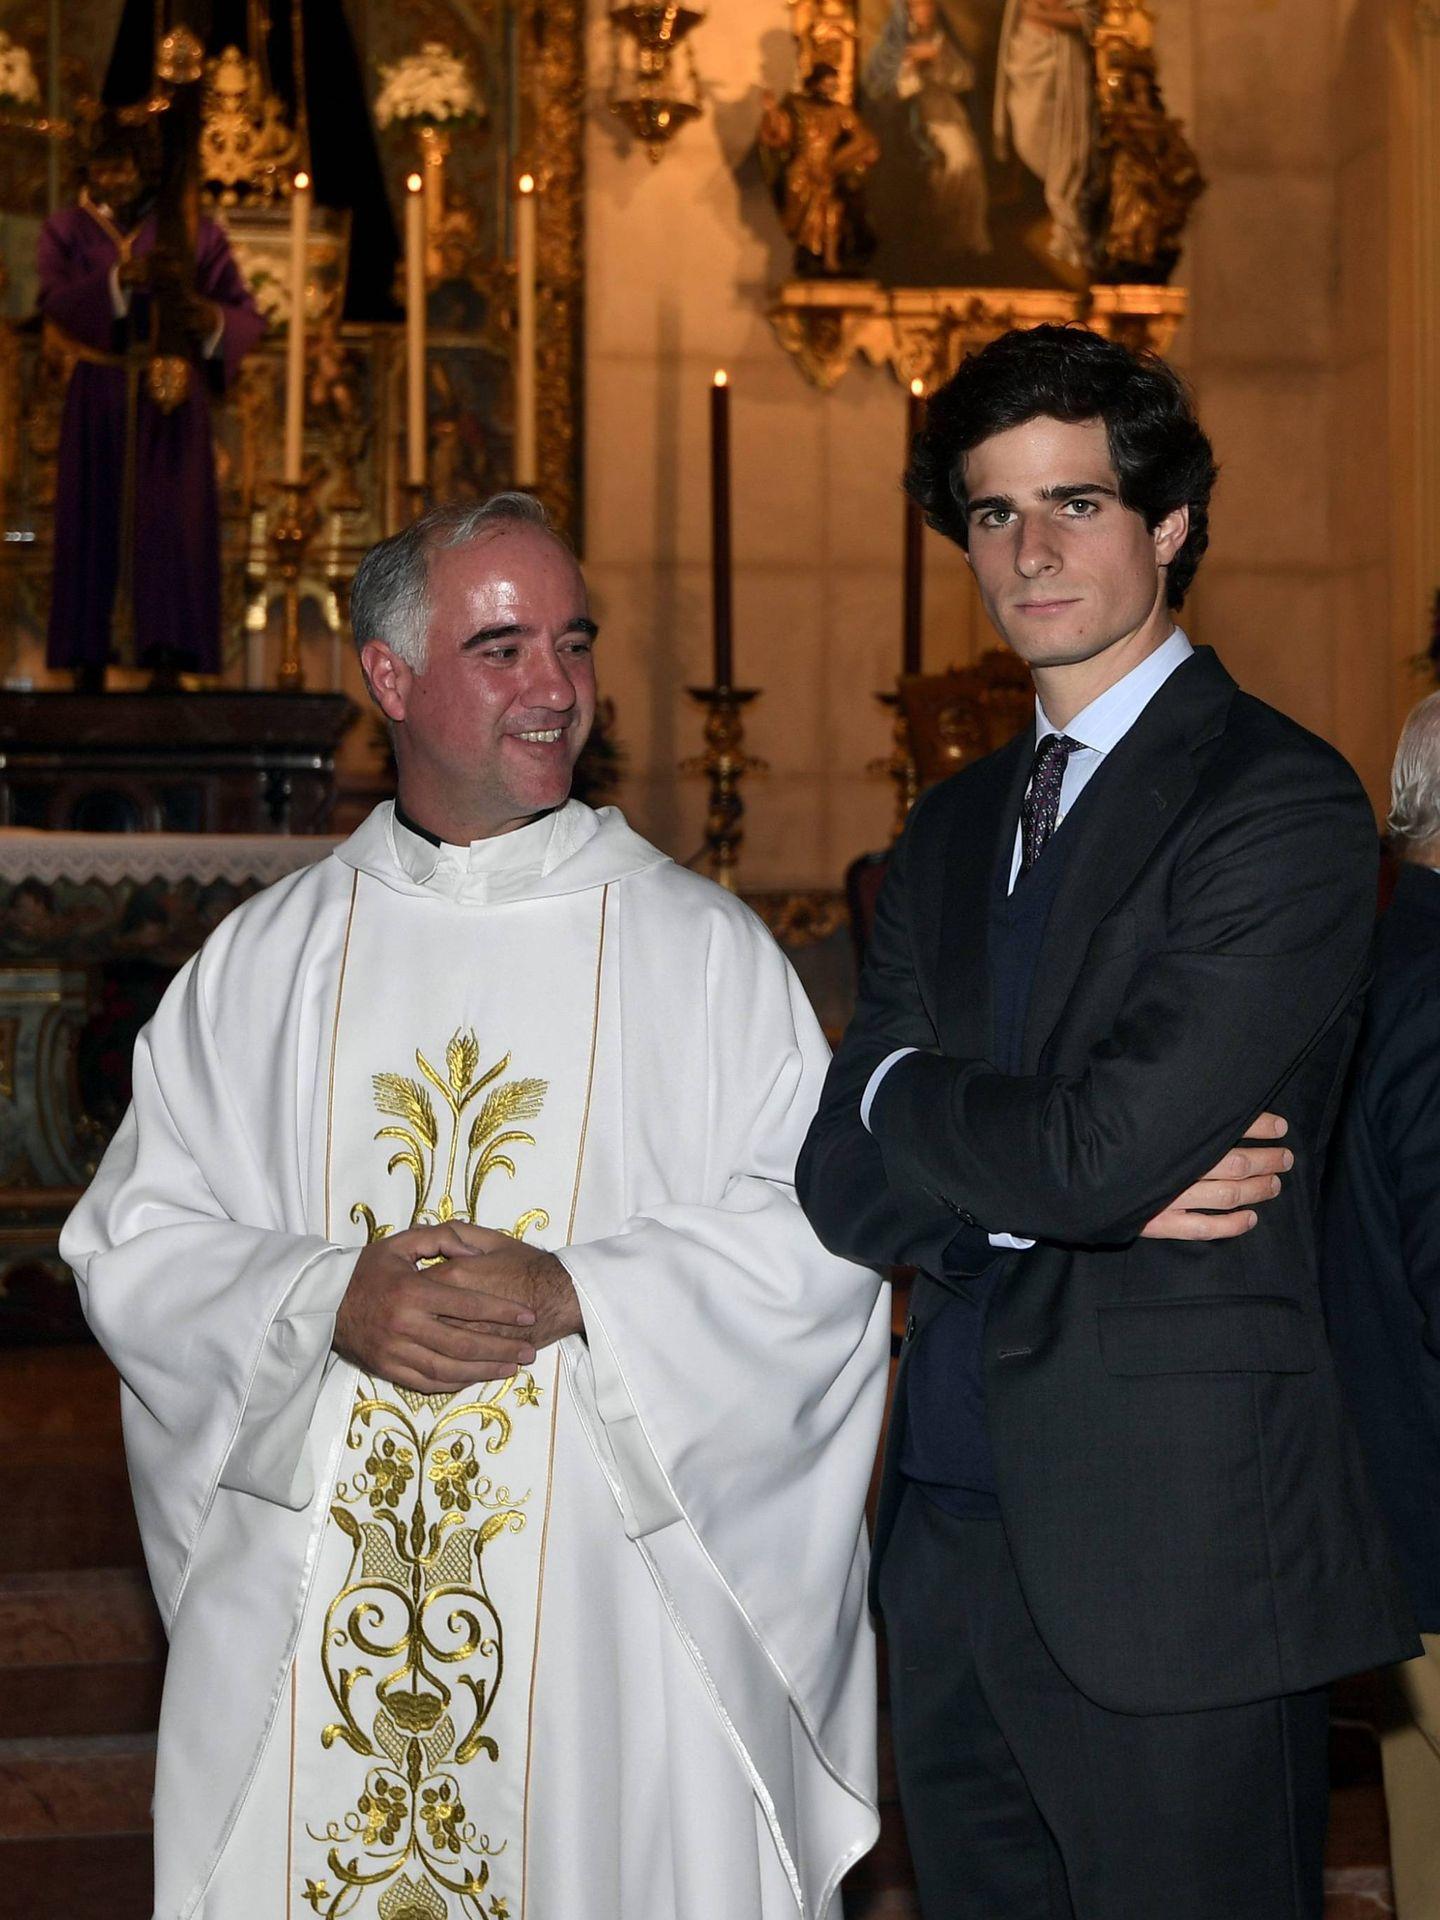 Fernando Fitz-James y el padre Sánchez-Dalp. (Cordon Press)